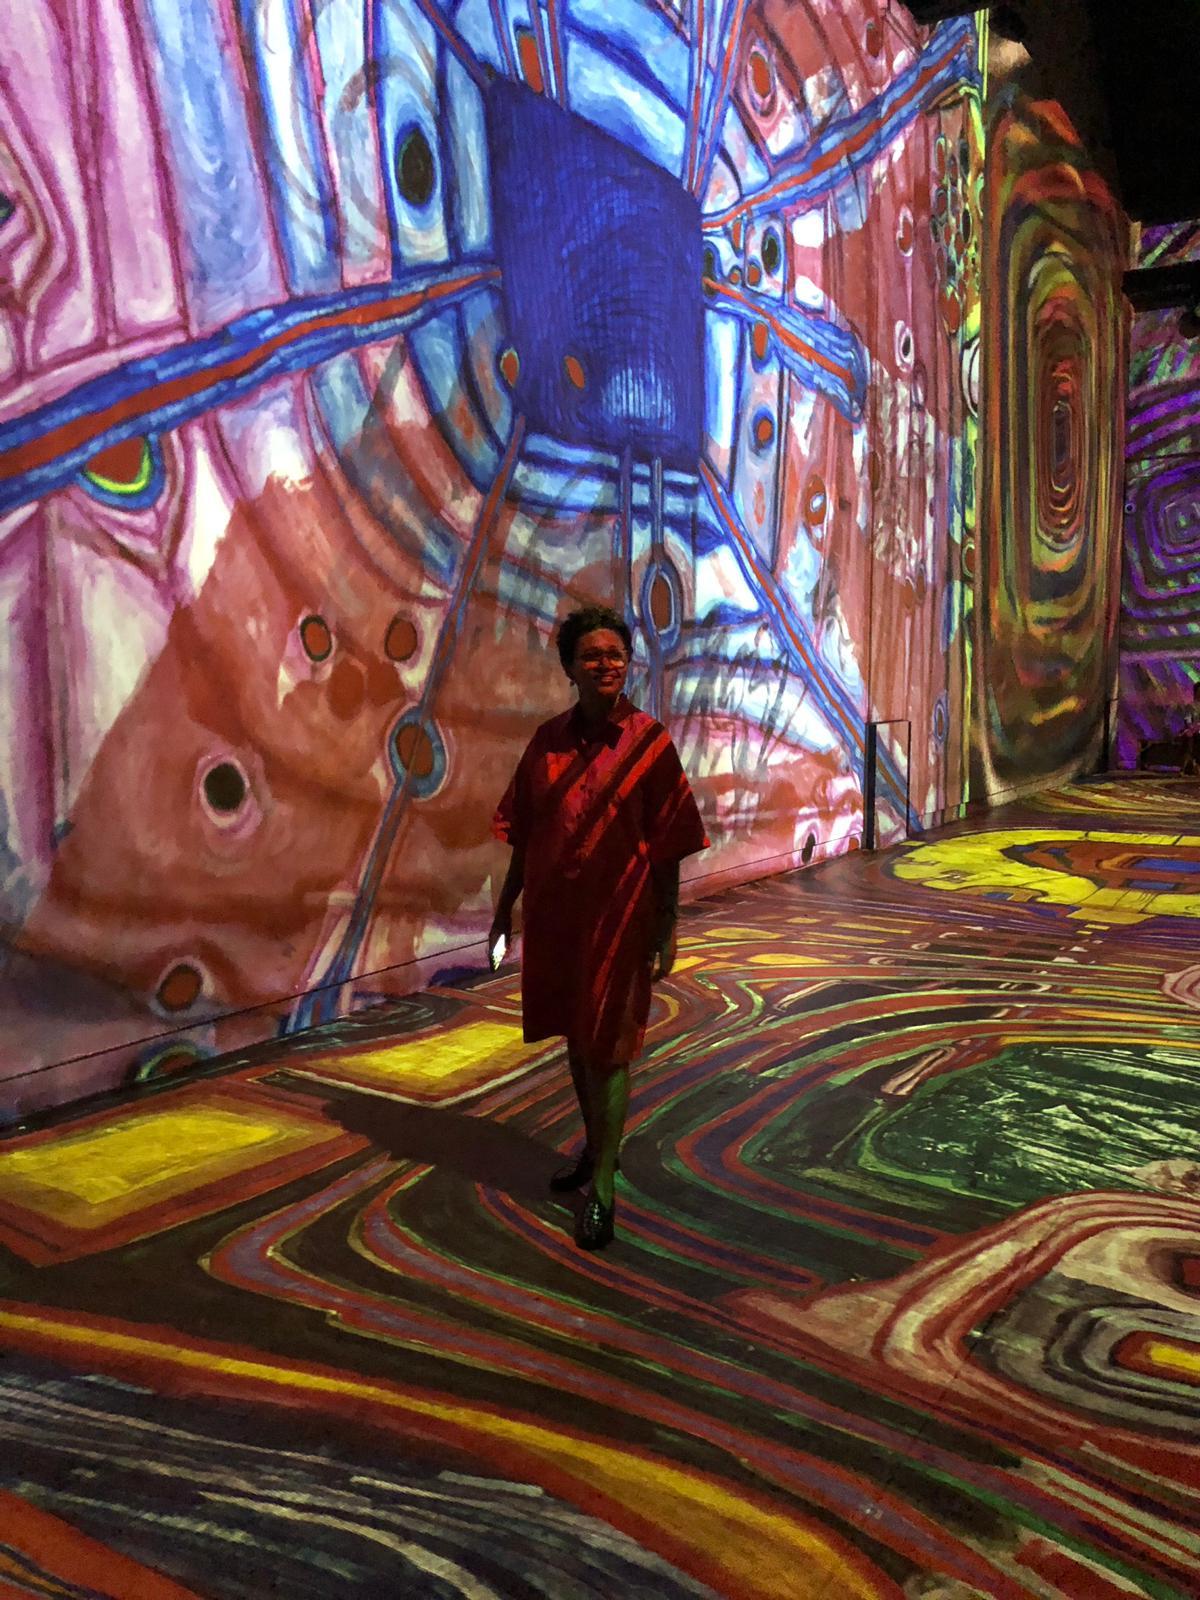 Edis Lima Guia Cultural na exposição Klimt.